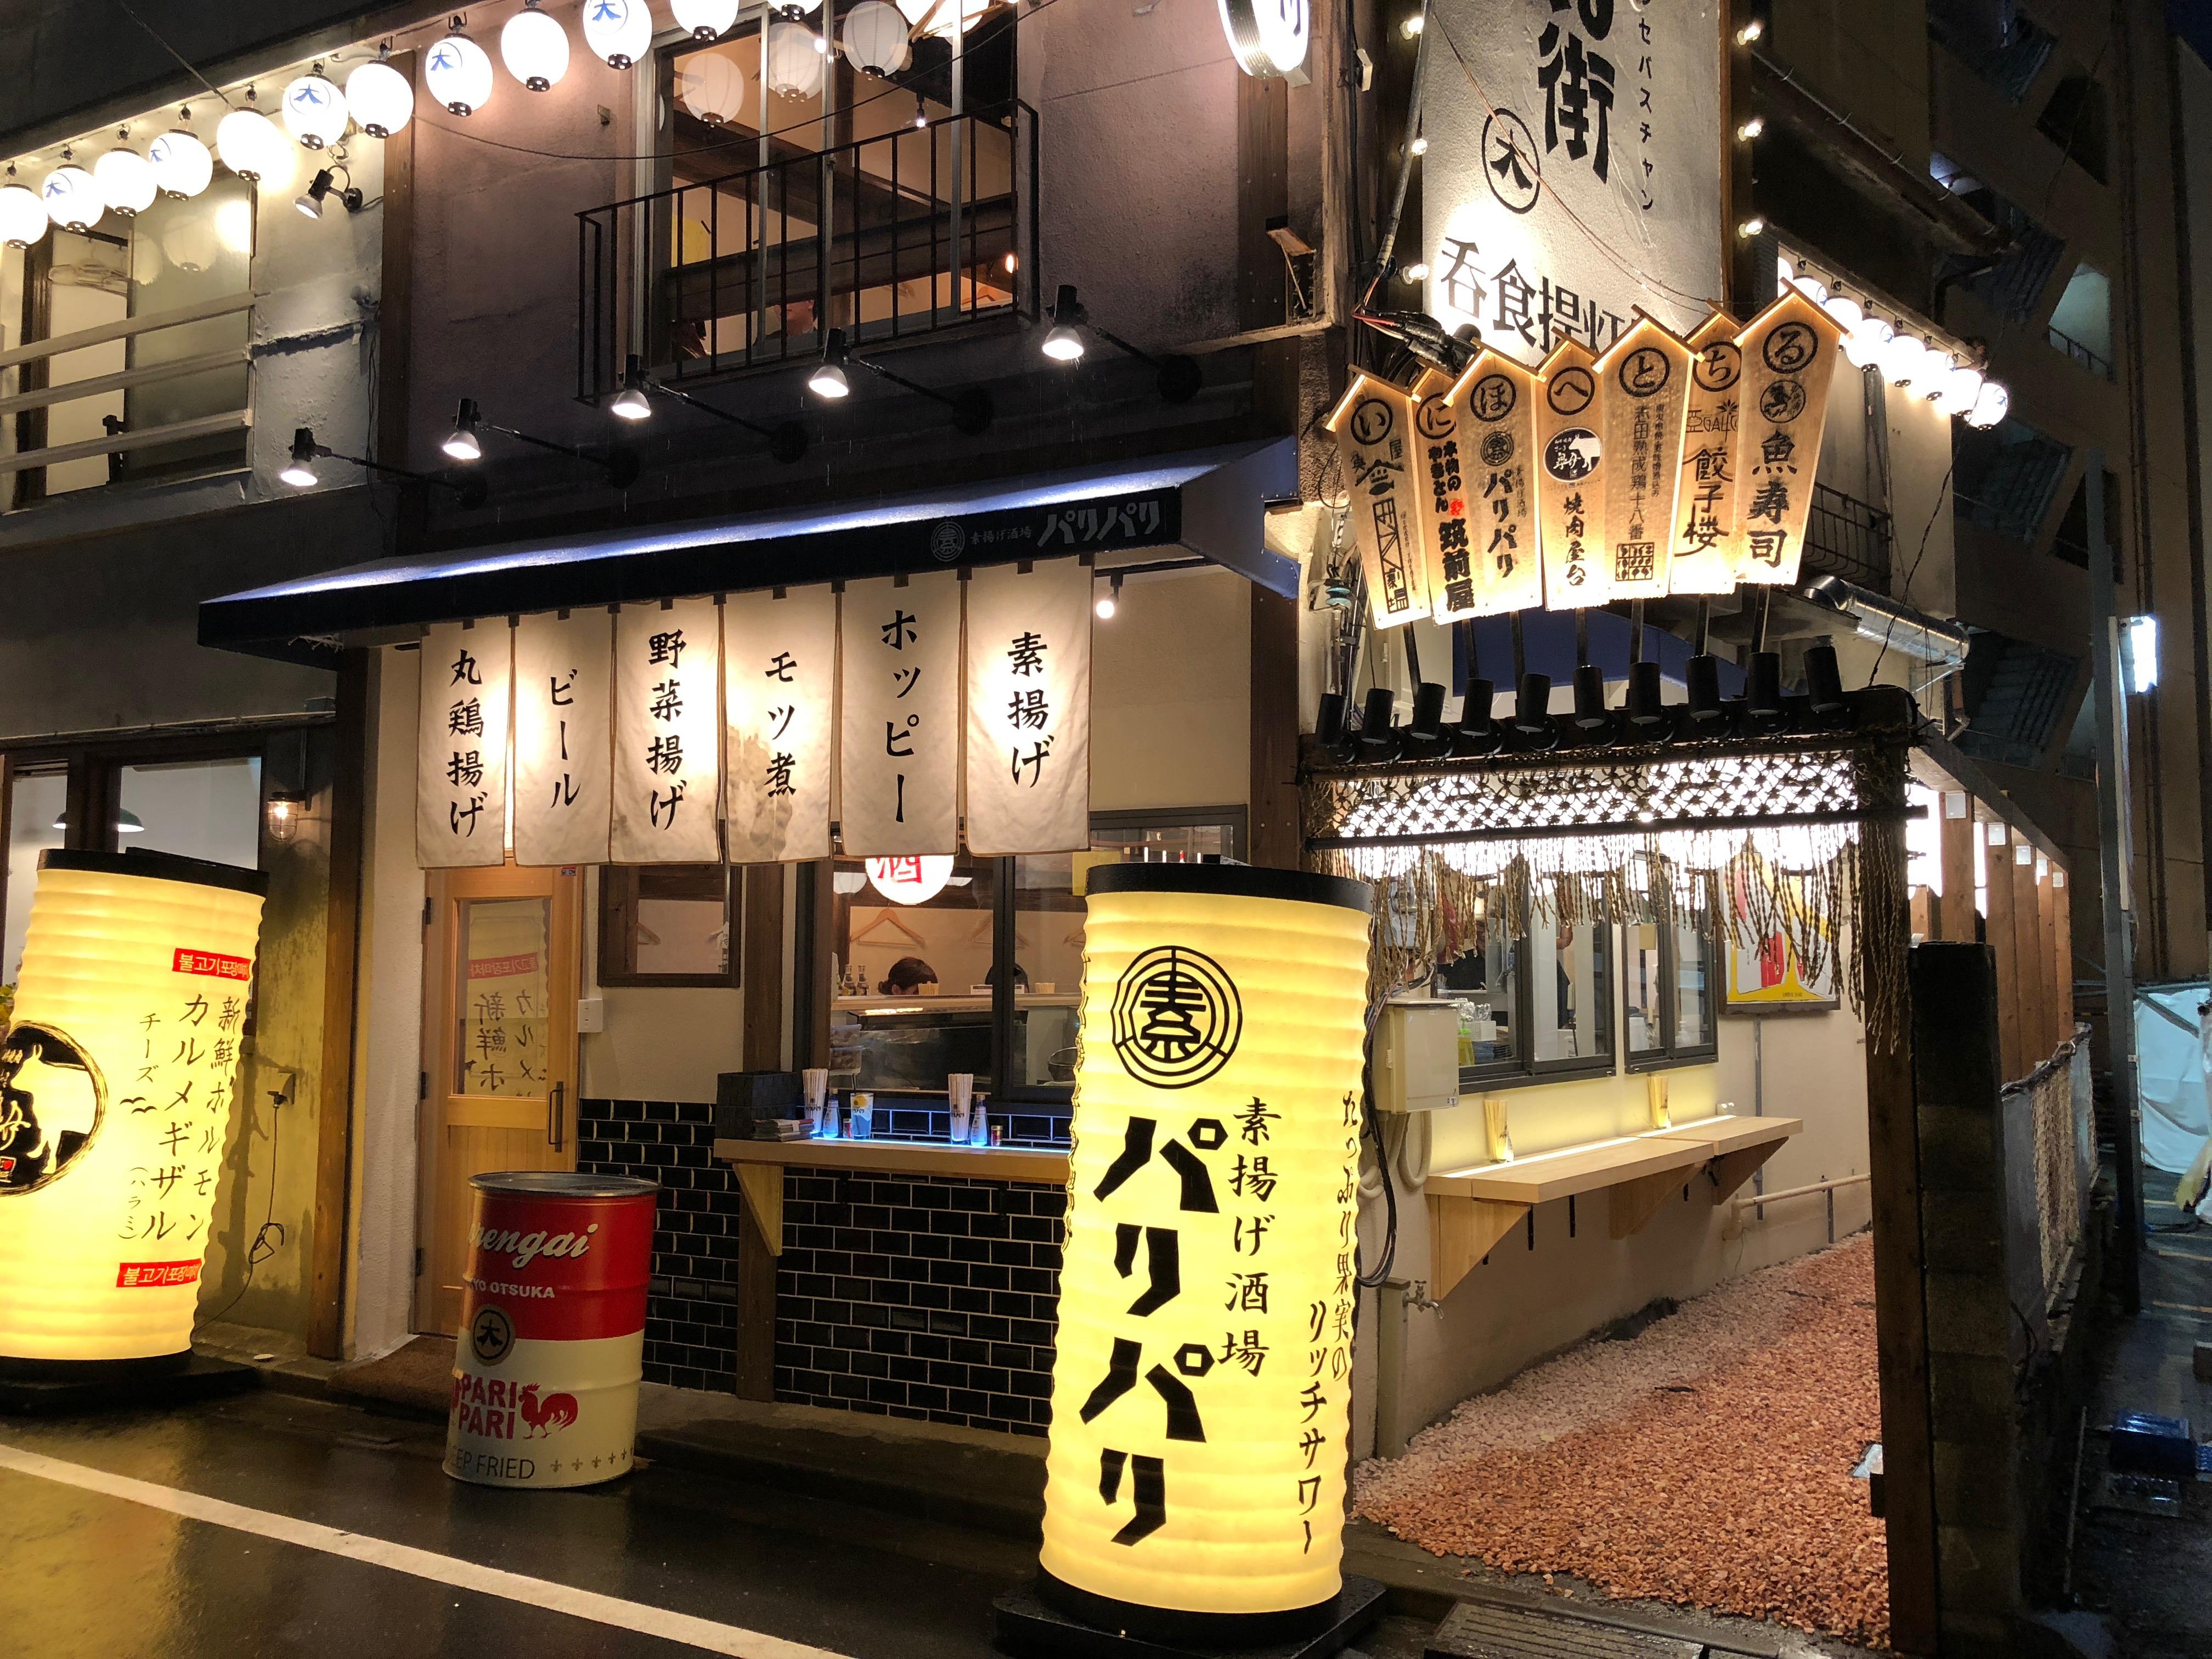 【素揚げ酒場パリパリ大塚店】5月9日オープン!